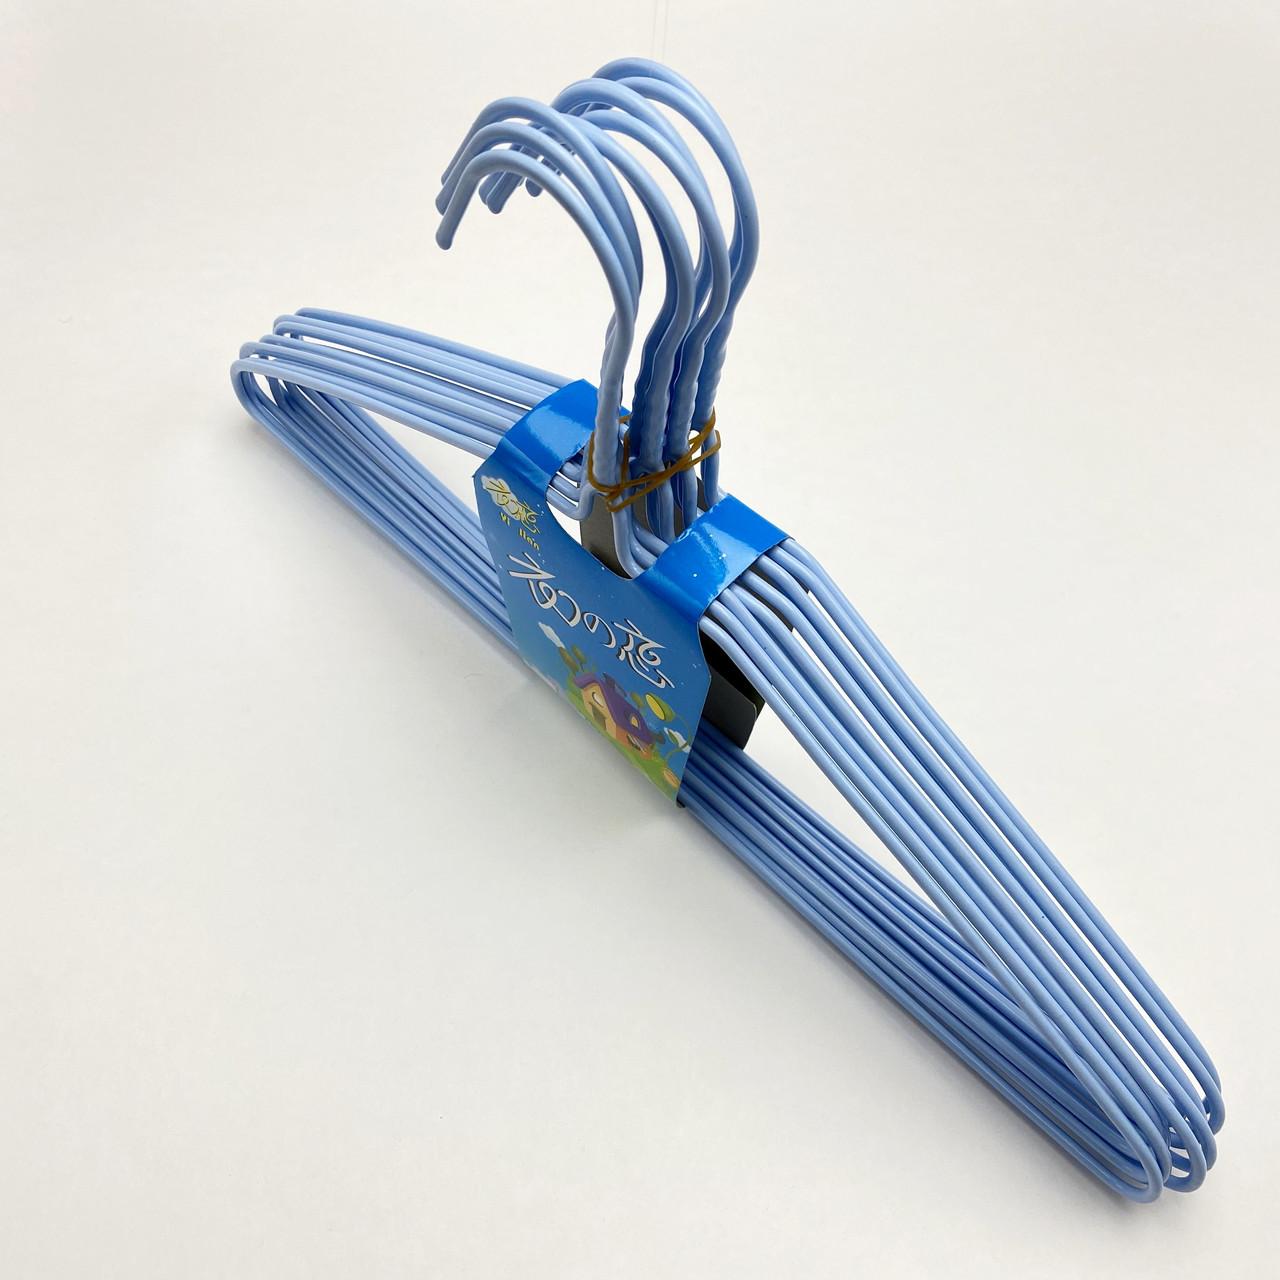 Вешалки плечики металлические 10 шт. в полиэтиленовом покрытии голубого цвета